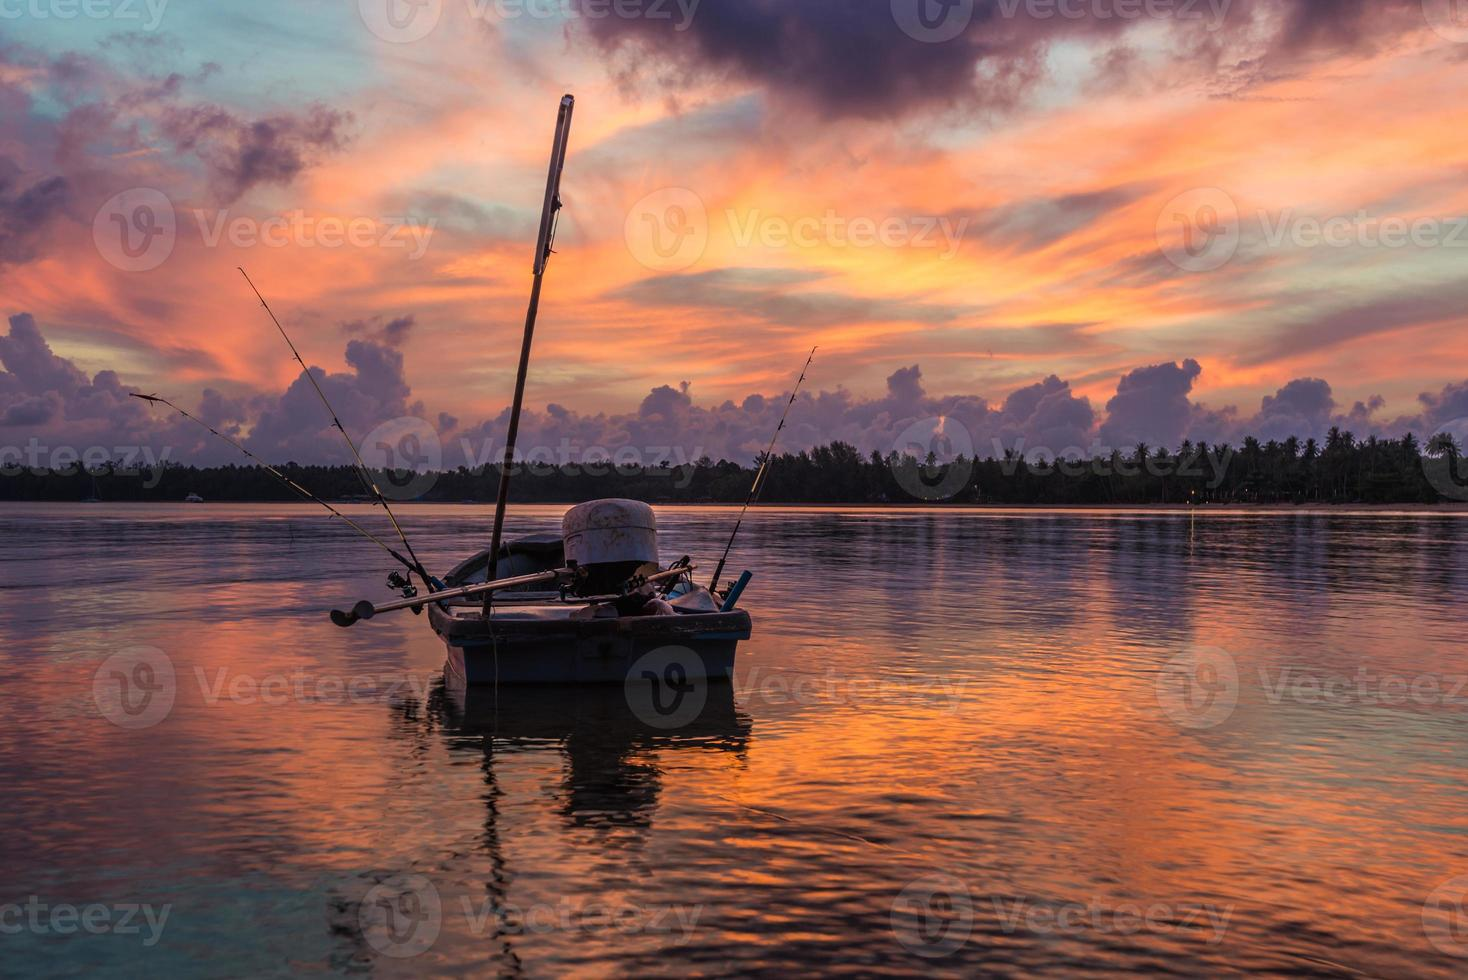 vívido cielo matutino con bote flotante foto